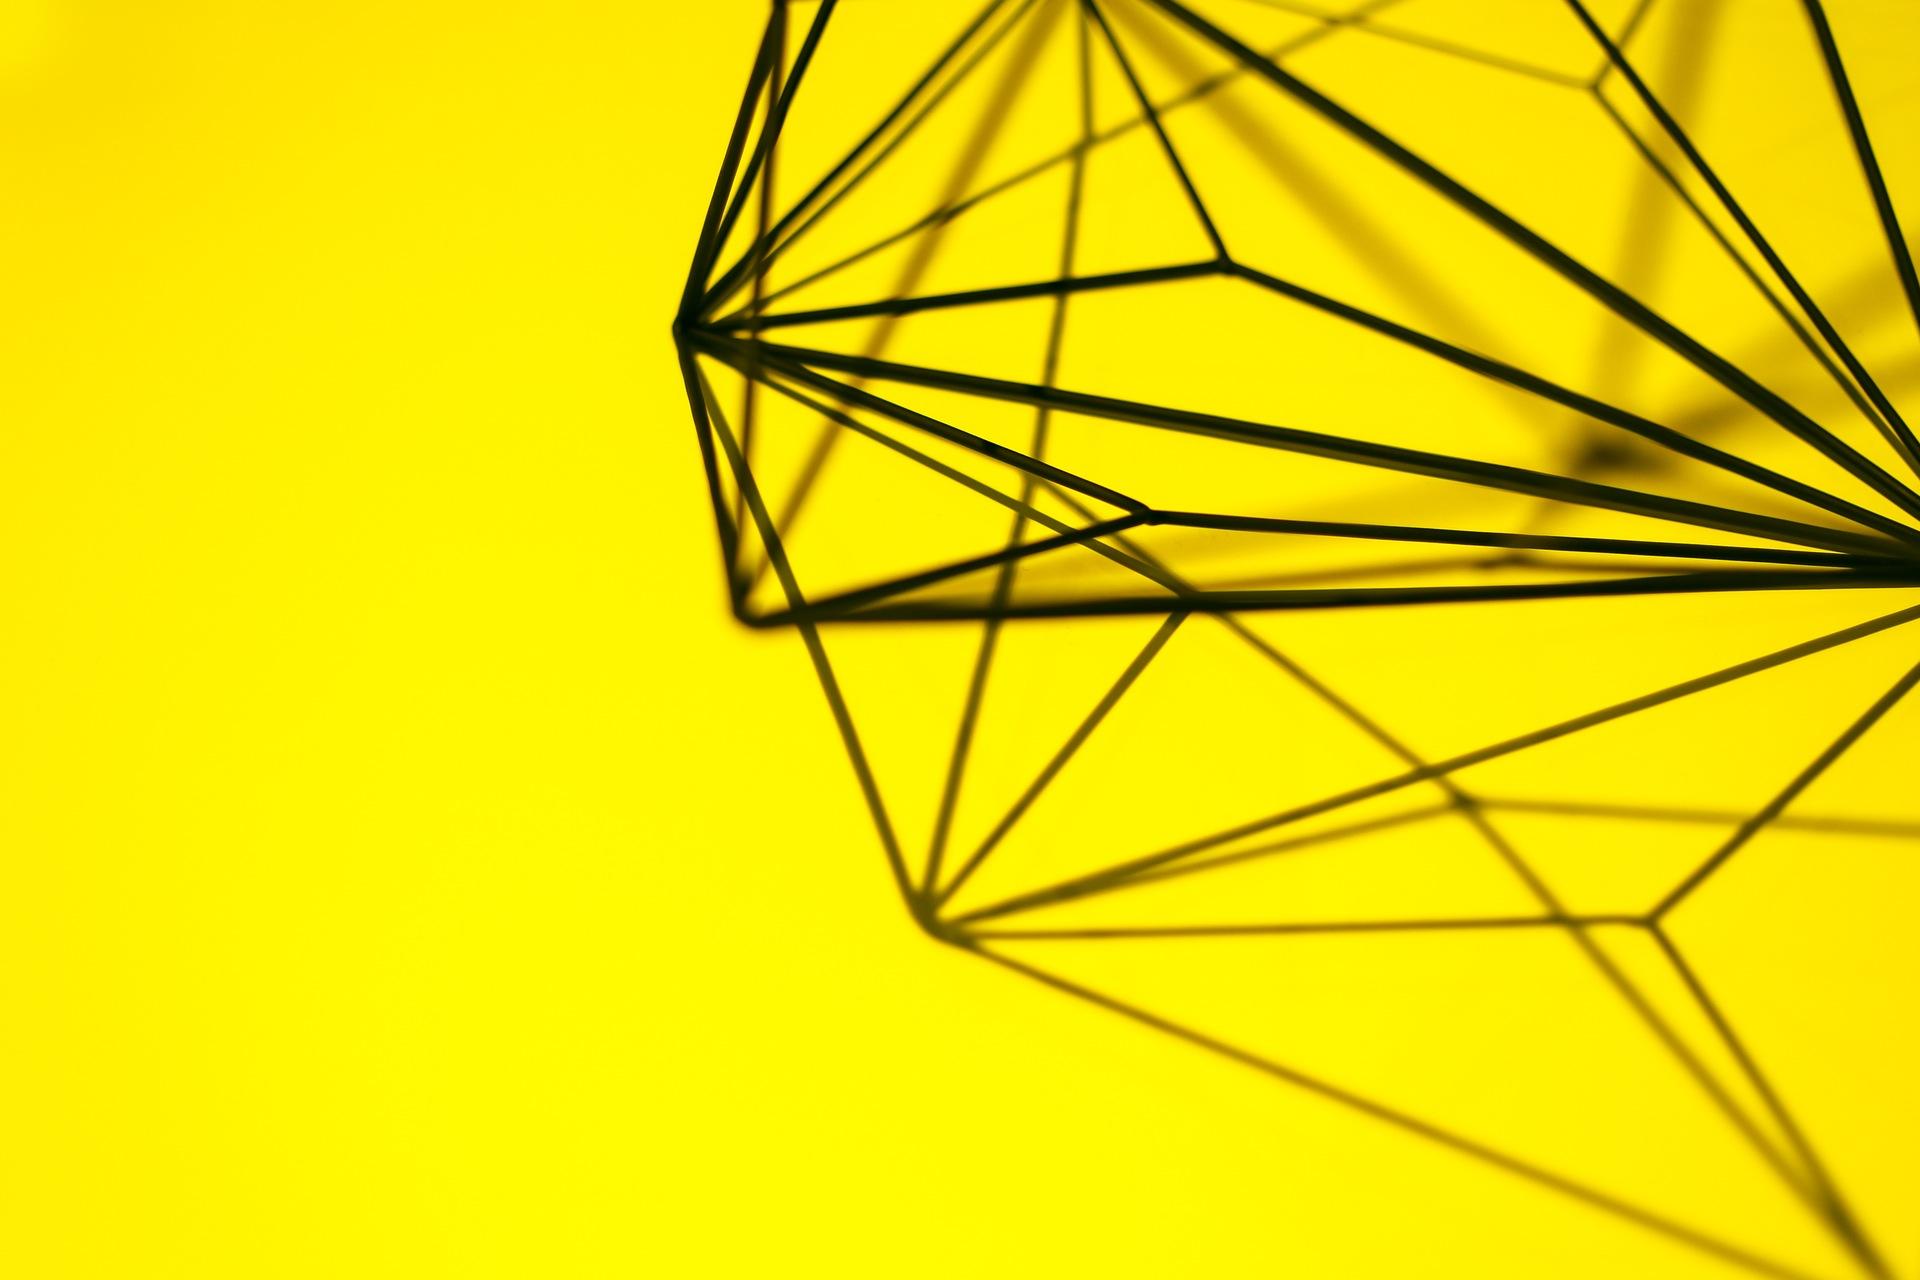 几何, 设计, 创造力, 艺术, 黄色 - 高清壁纸 - 教授-falken.com